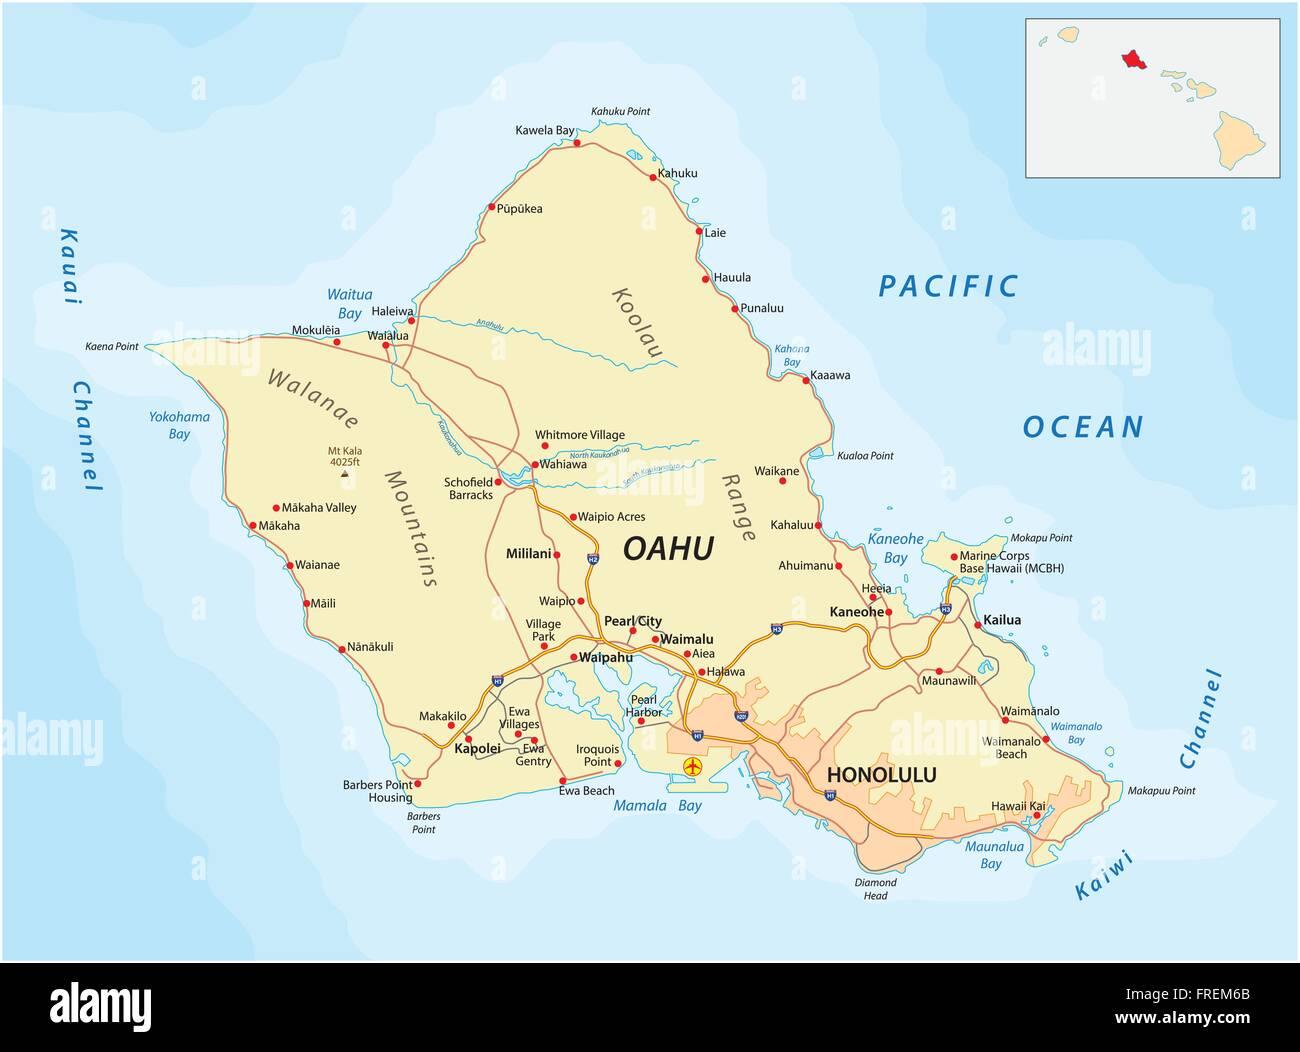 Contea Di Honolulu Hawaii siamo andati a manoa, nella contea di honolulu, nell'isola